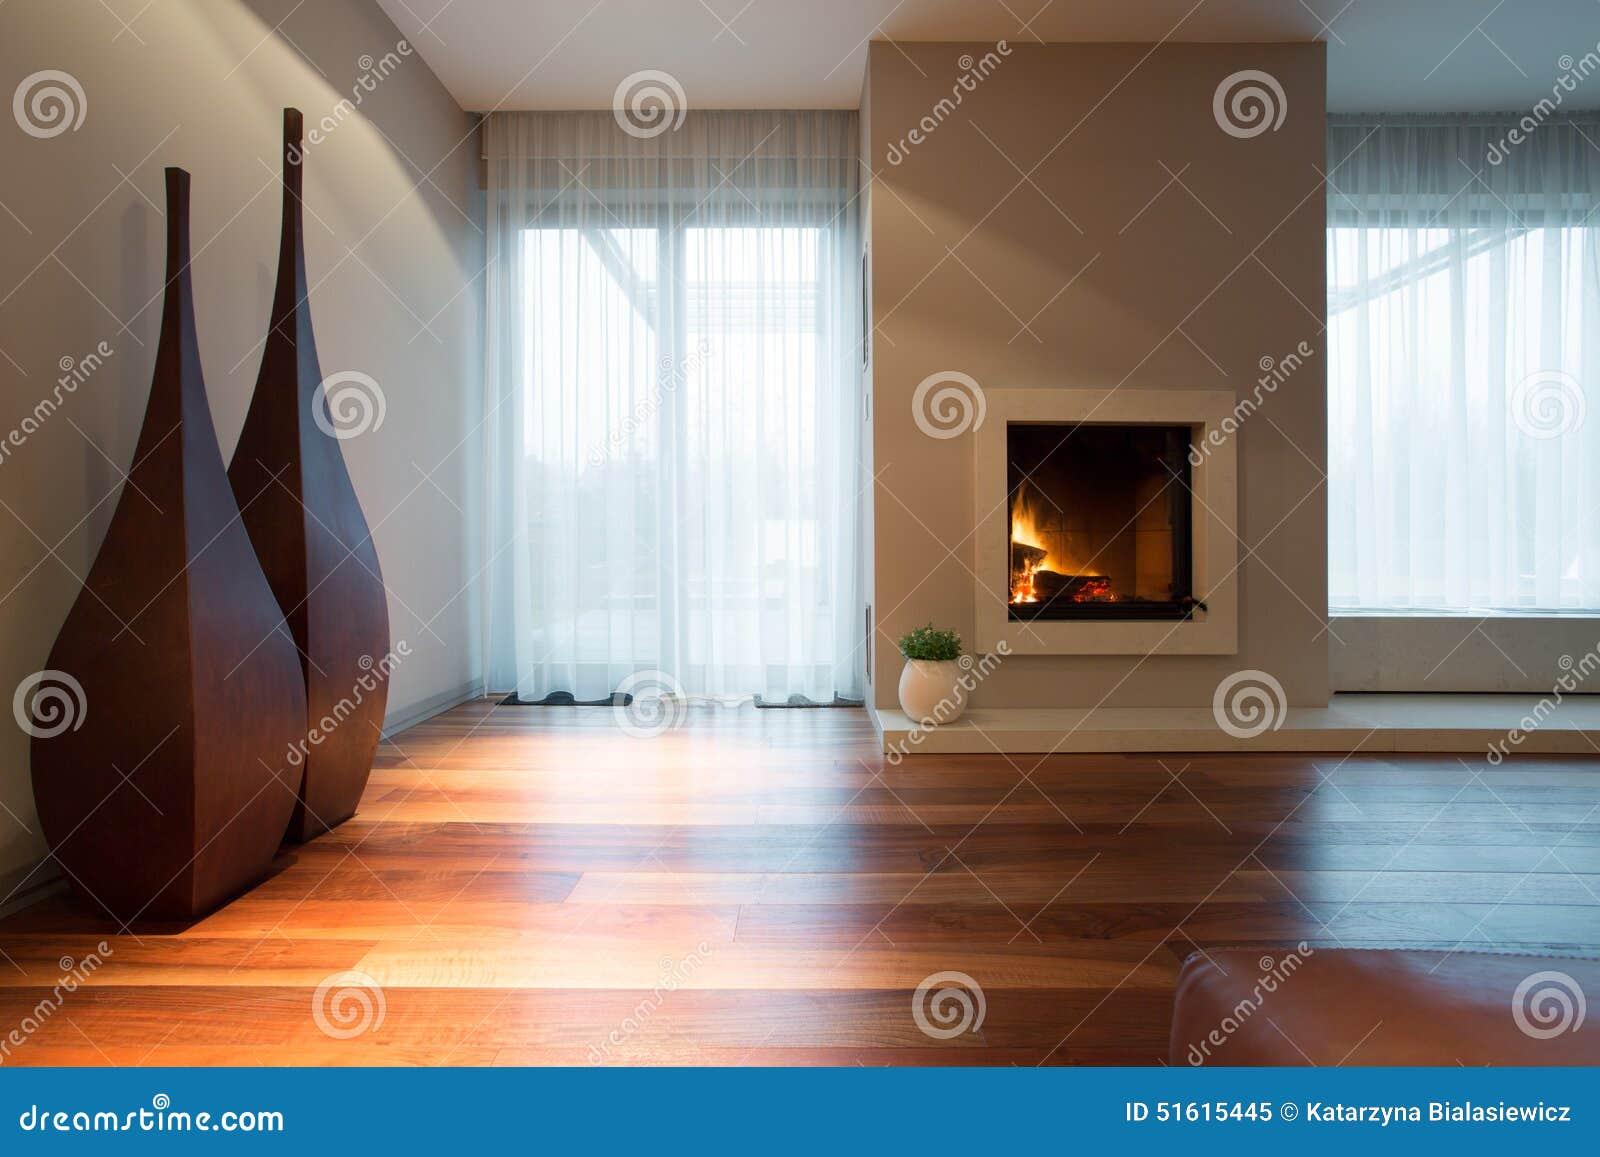 Ontworpen Decoratie In Woonkamer Stock Afbeelding - Afbeelding ...